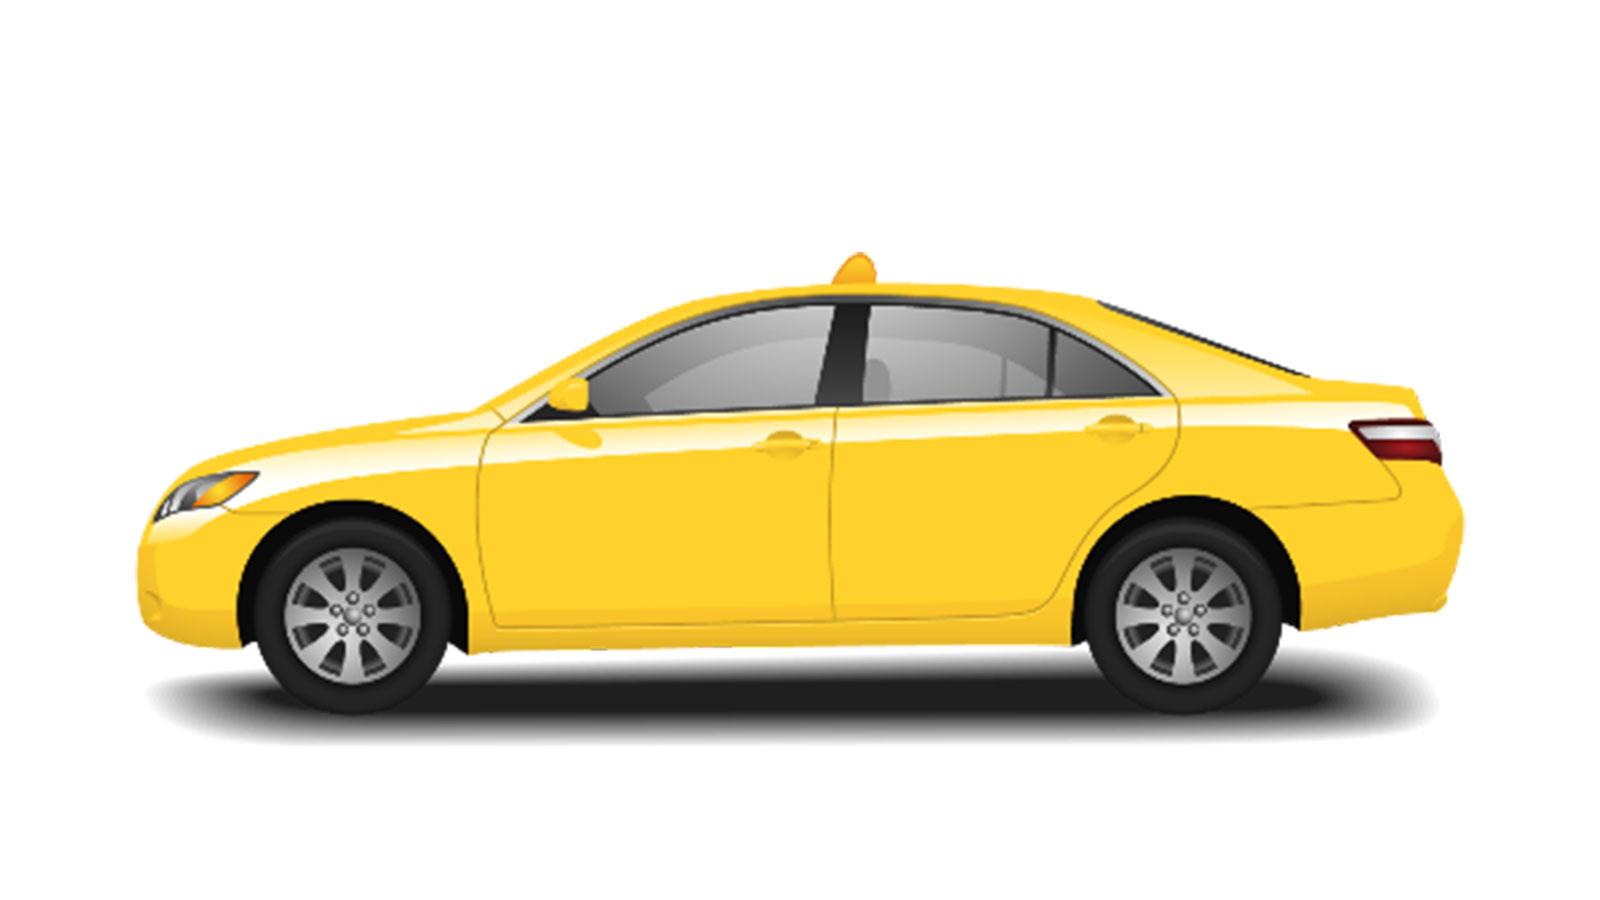 Şehirlere göre taksi ücretleri